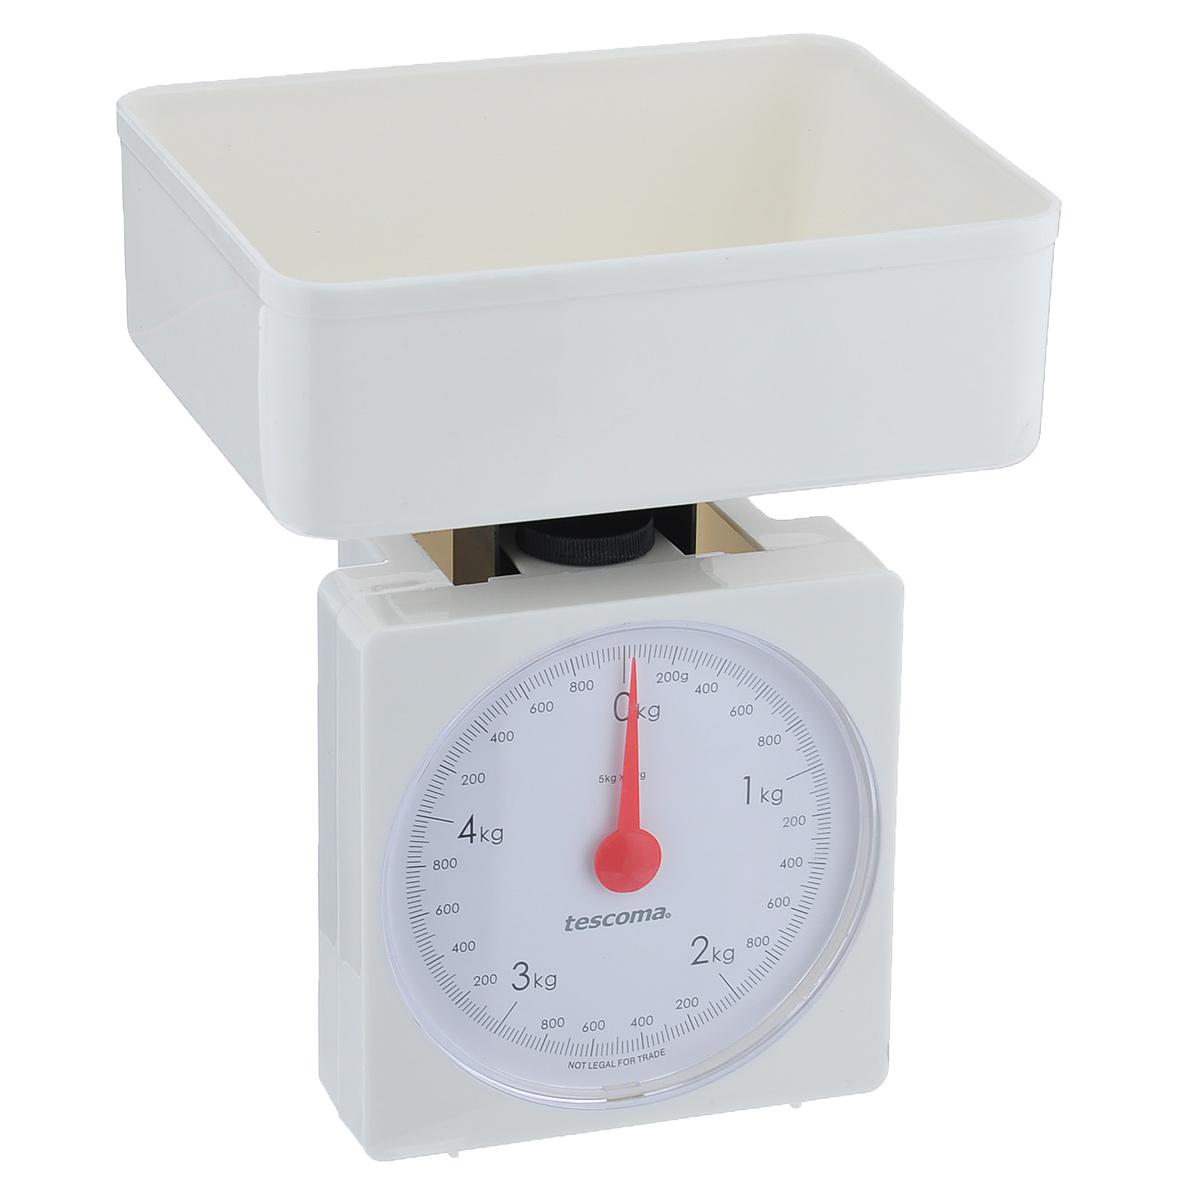 Весы кухонные механические Tescoma Accura, цвет: белый, до 5 кг634524Механические кухонные весы Tescoma Accura, выполненные из высокопрочного пластика и стали, с большой, хорошо читаемой шкалой и съемной чашей, придутся по душе каждой хозяйке и станут незаменимым аксессуаром на кухне. На шкале присутствуют единицы измерения в граммах и килограммах. В комплекте - пластиковая чаша.Вам больше не придется использовать продукты на глаз. Весы Tescoma Accura позволят вам с высокой точностью дозировать продукты, следуя вашим любимым рецептам.Размер весов (без чаши): 13 см х 8 см х 17 см. Размер чаши: 18,5 см х 15 см х 7 см.